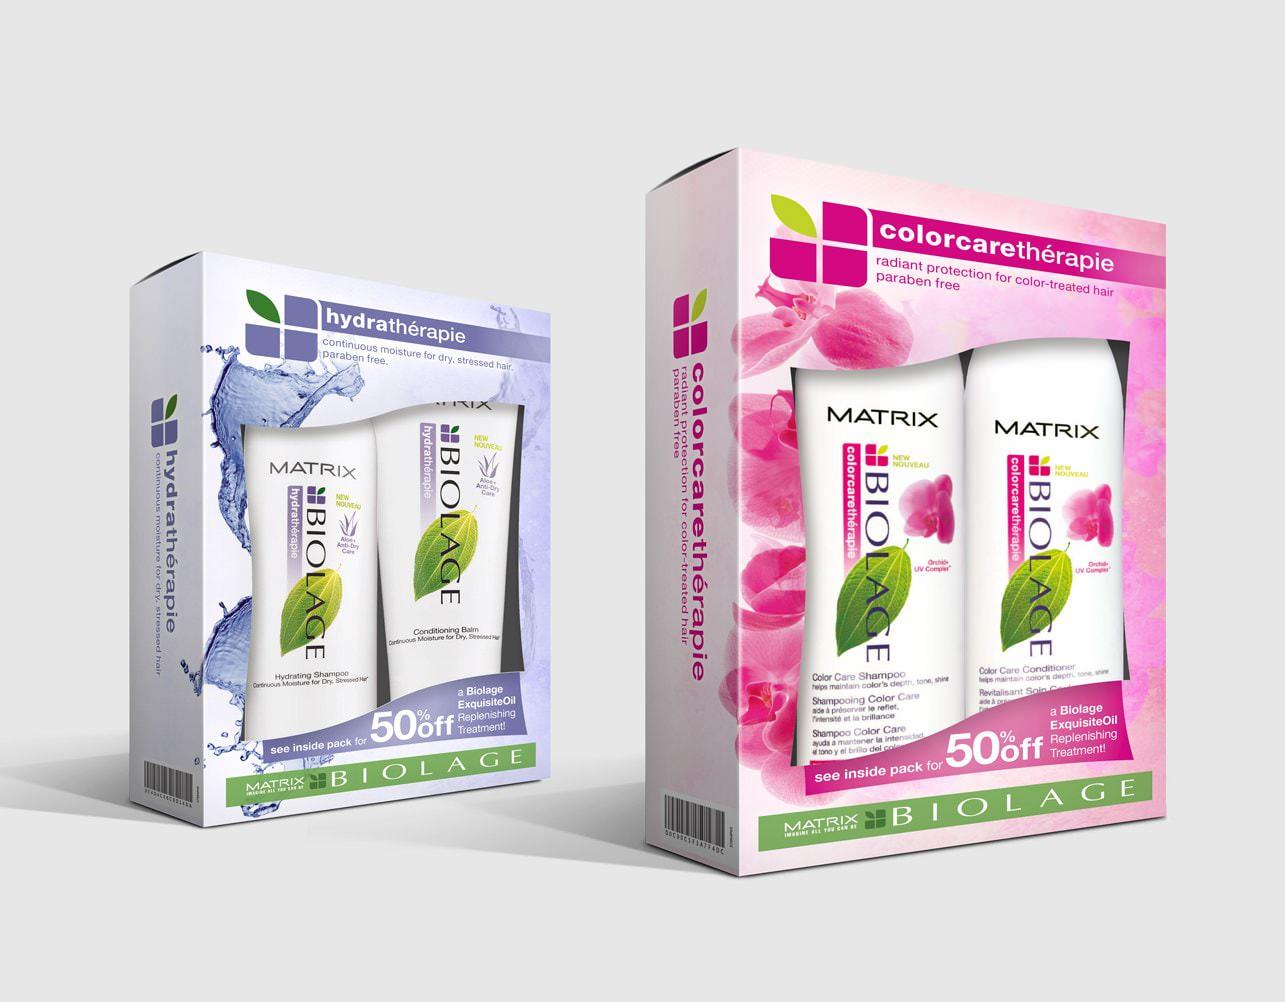 DJWFolio-Packaging_2014_Matrix_1